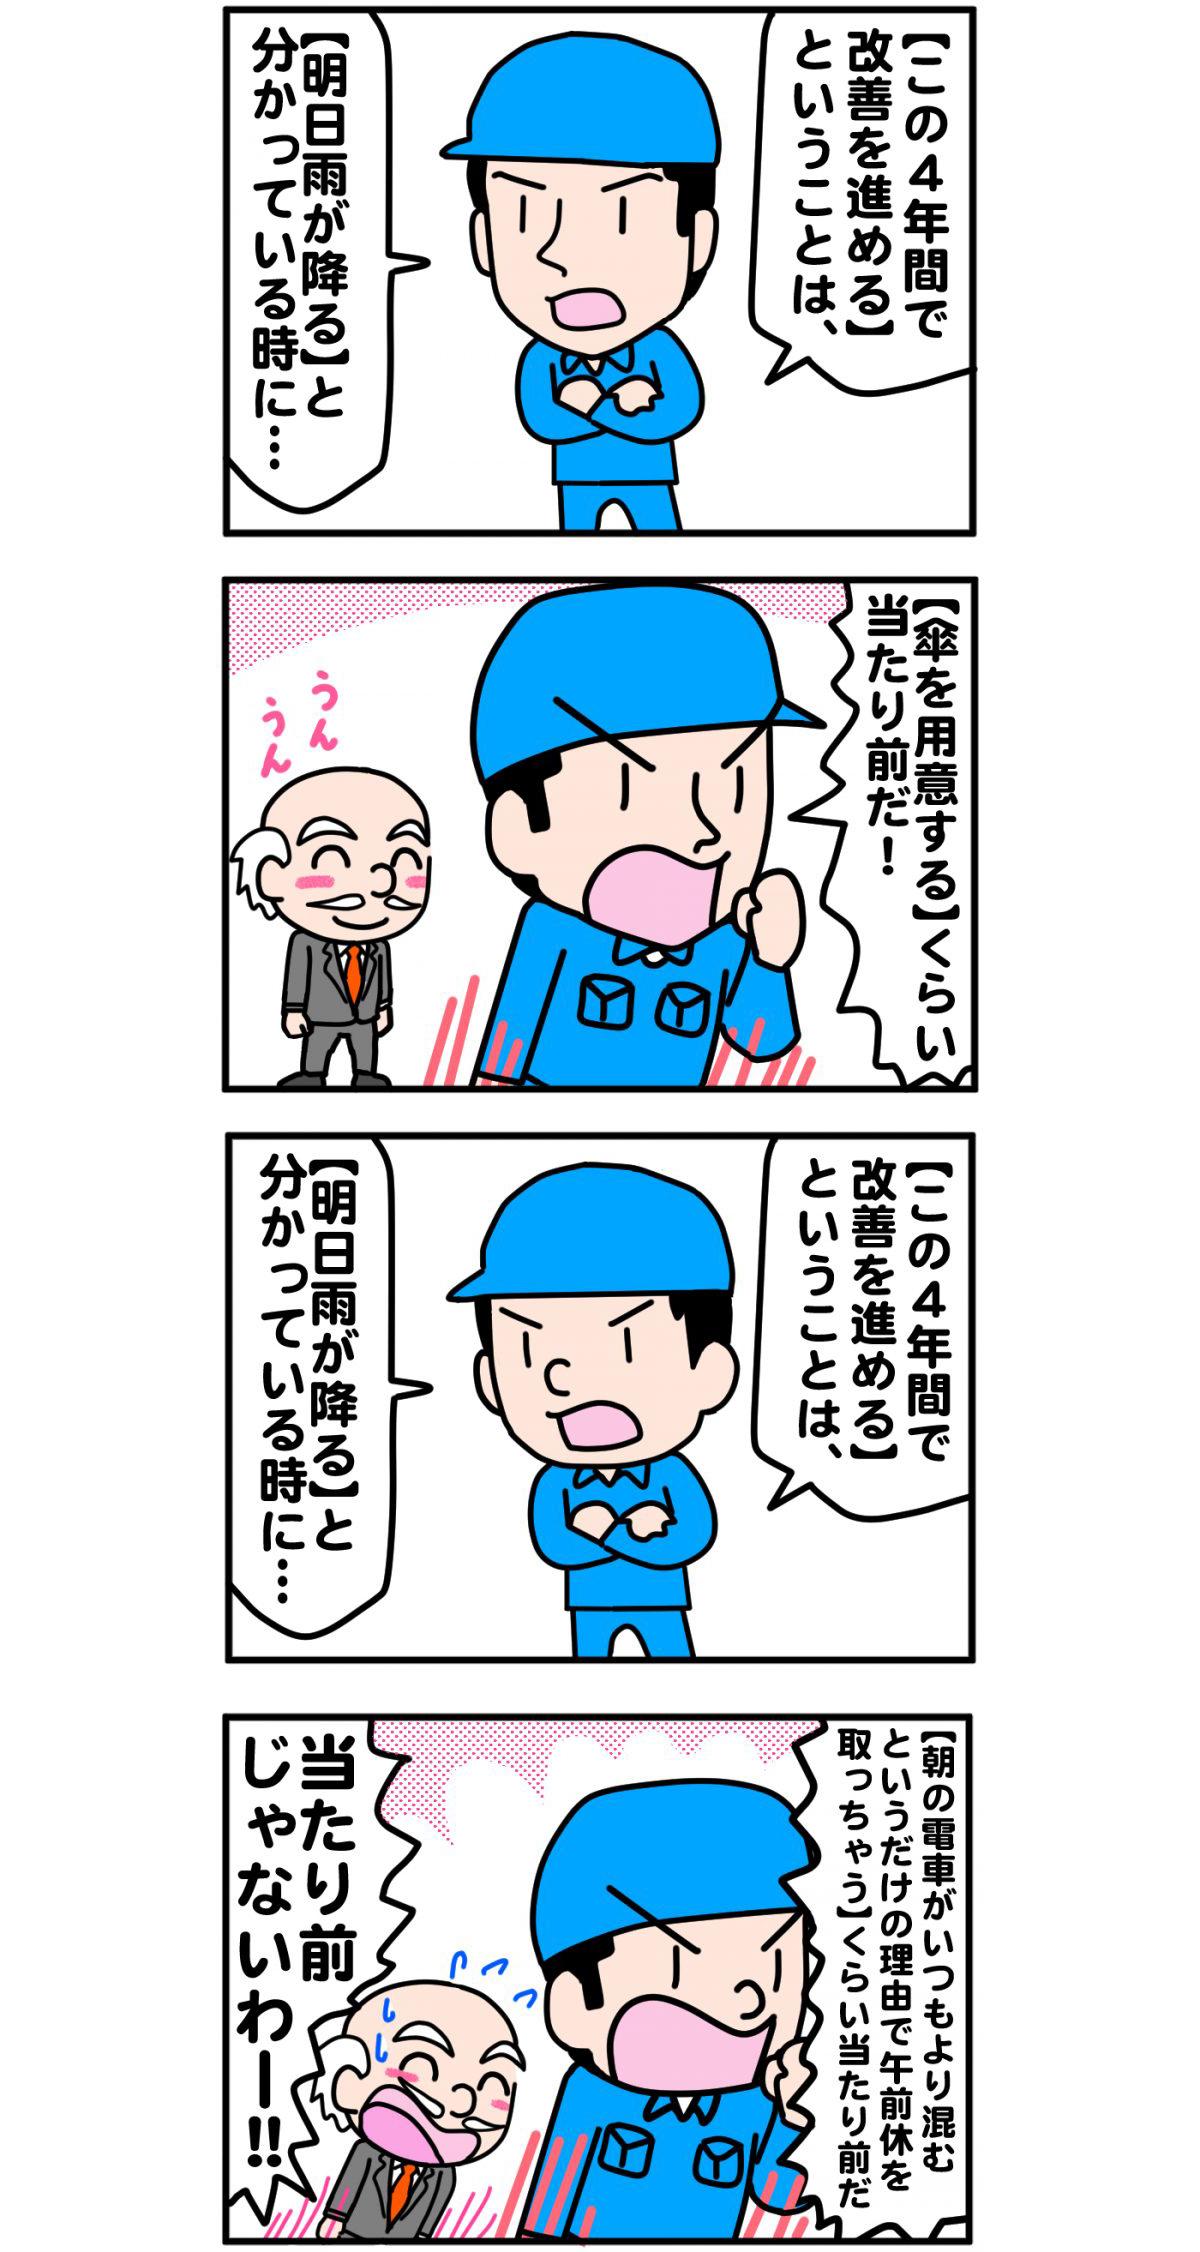 マンガ12-768x2252